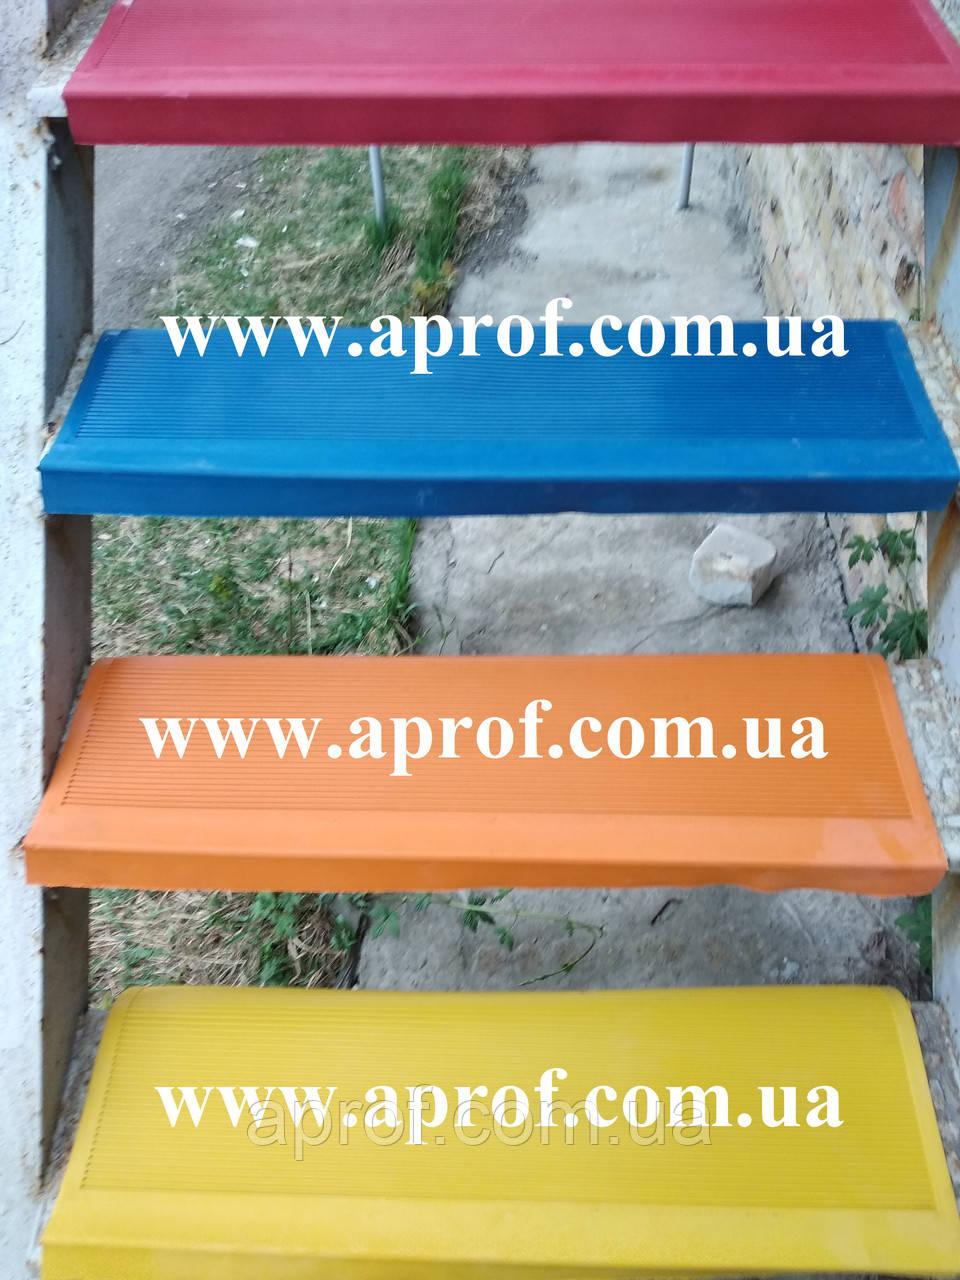 Протиковзкі гумові накладки на сходи (КОЛЬОРОВІ)